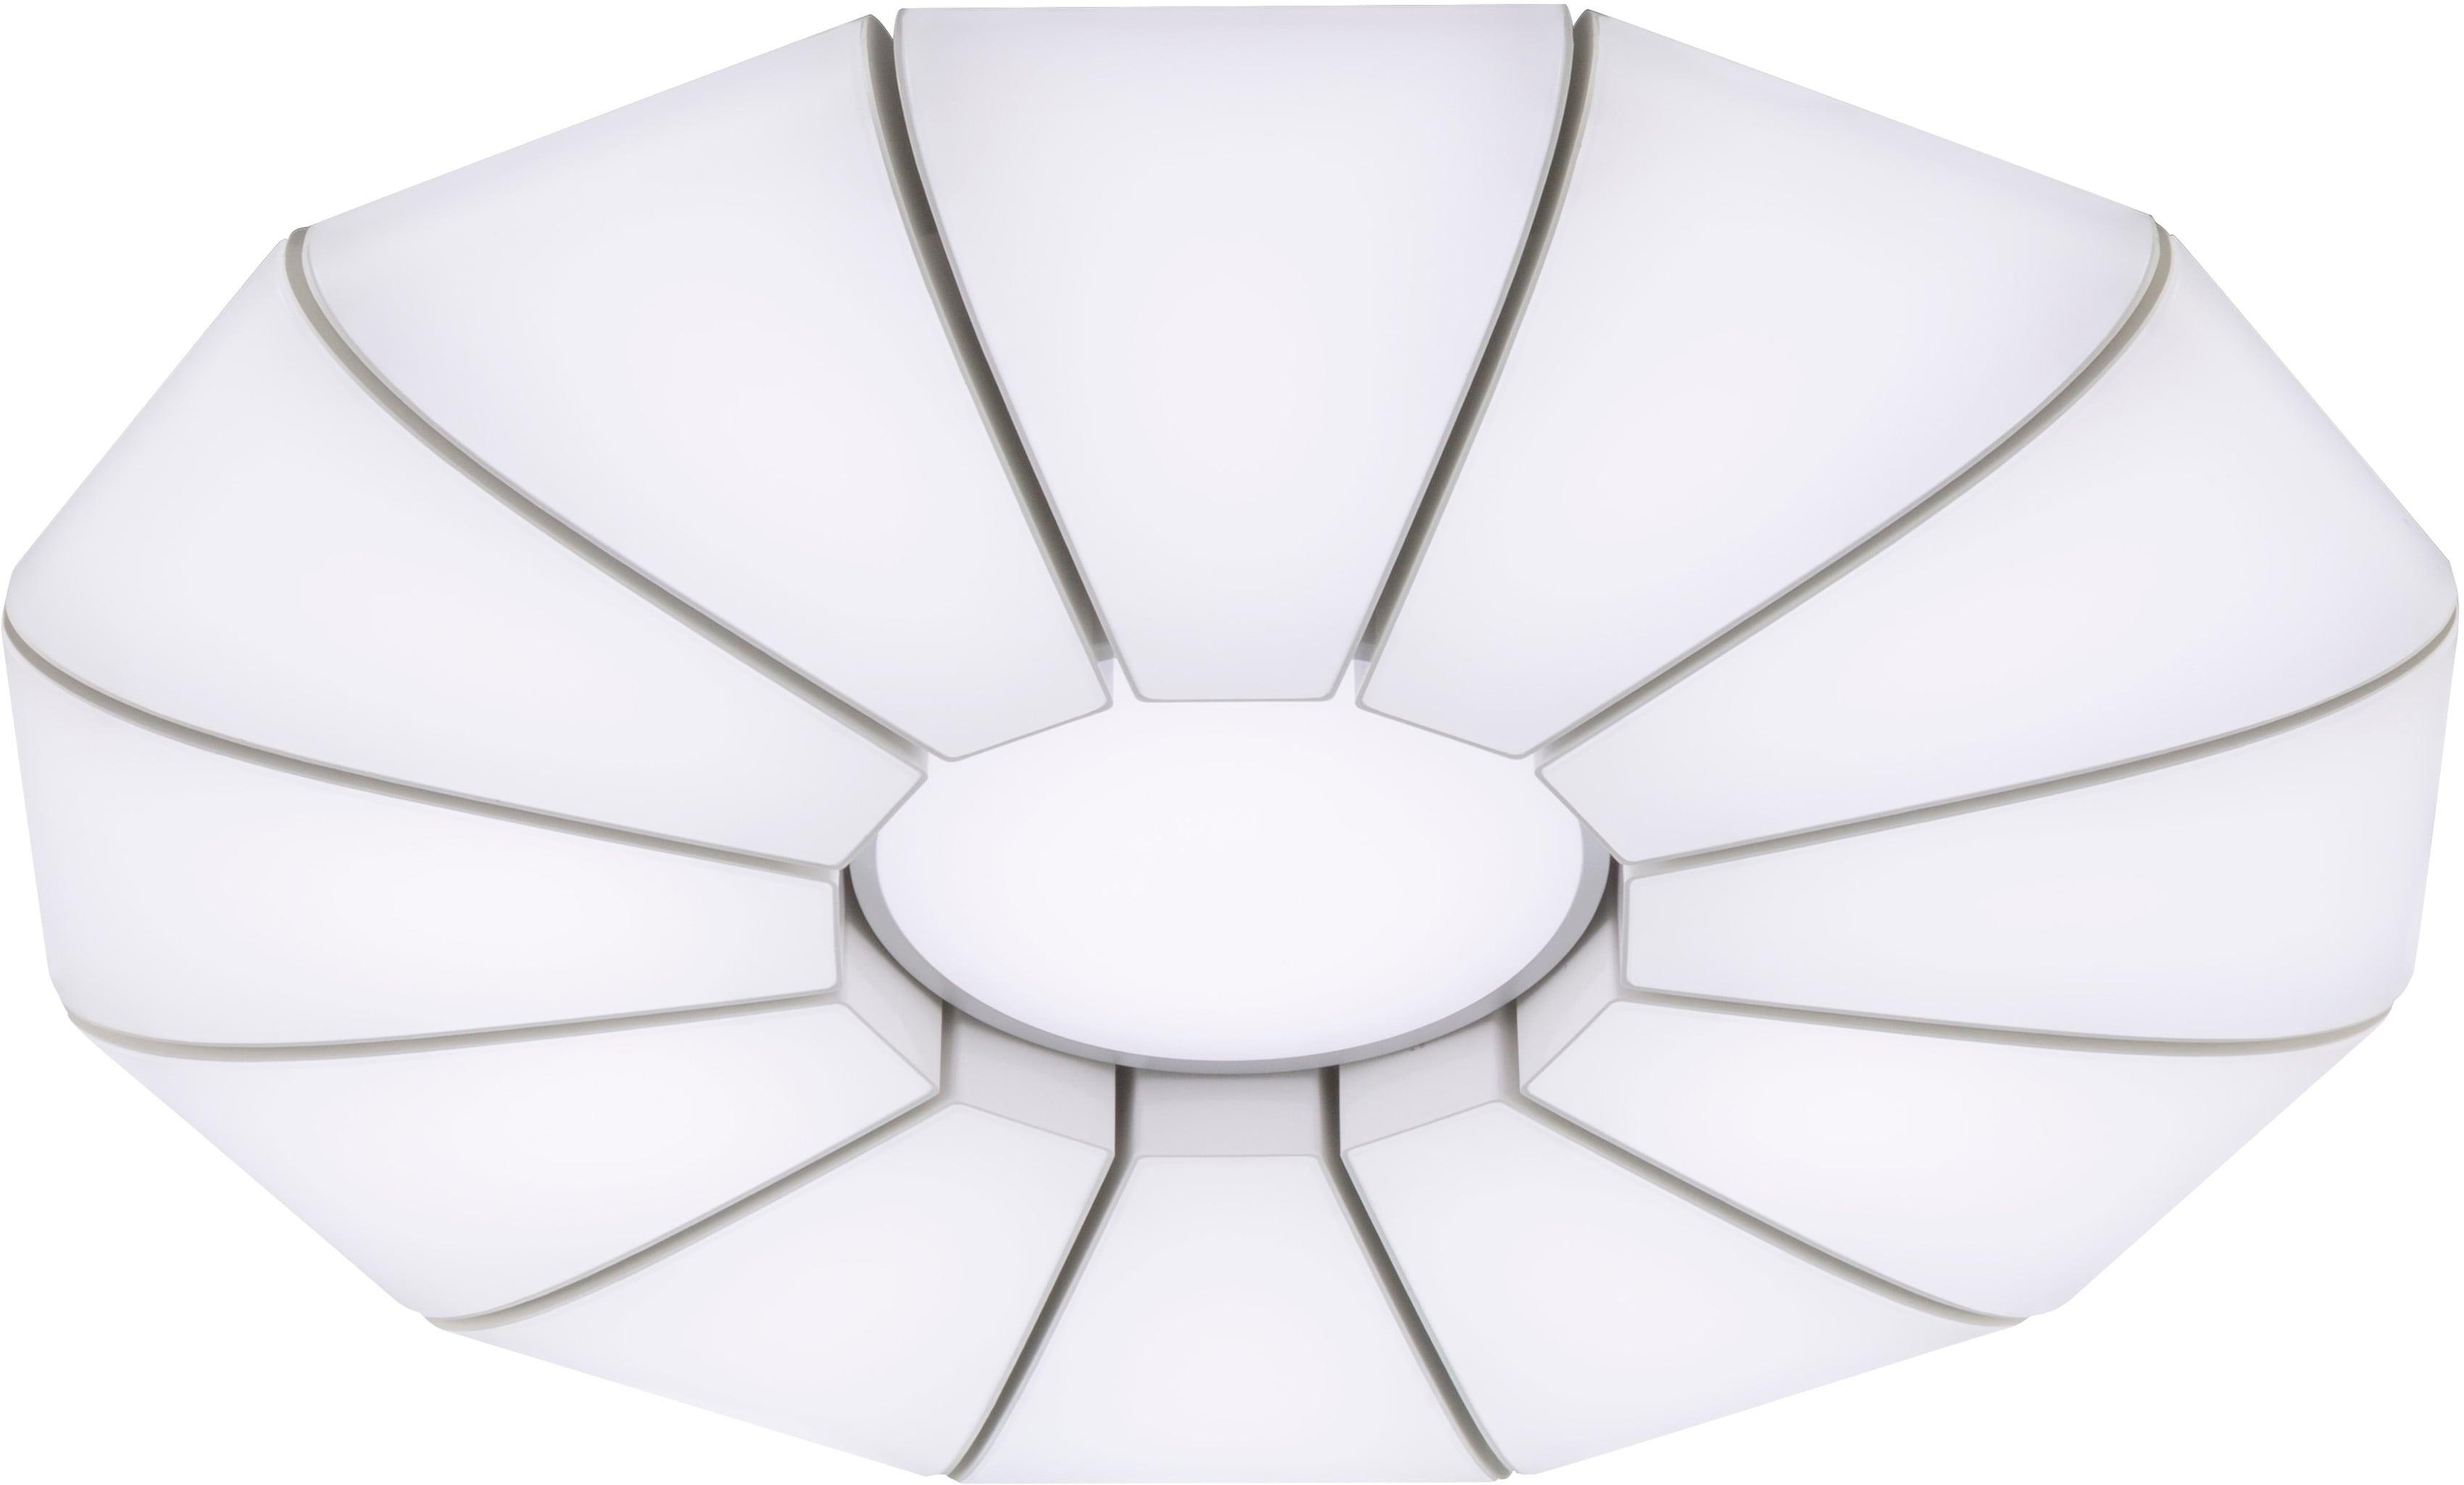 FISCHER & HONSEL LED Deckenleuchte Roger, LED-Board, 1 St., LED Deckenlampe